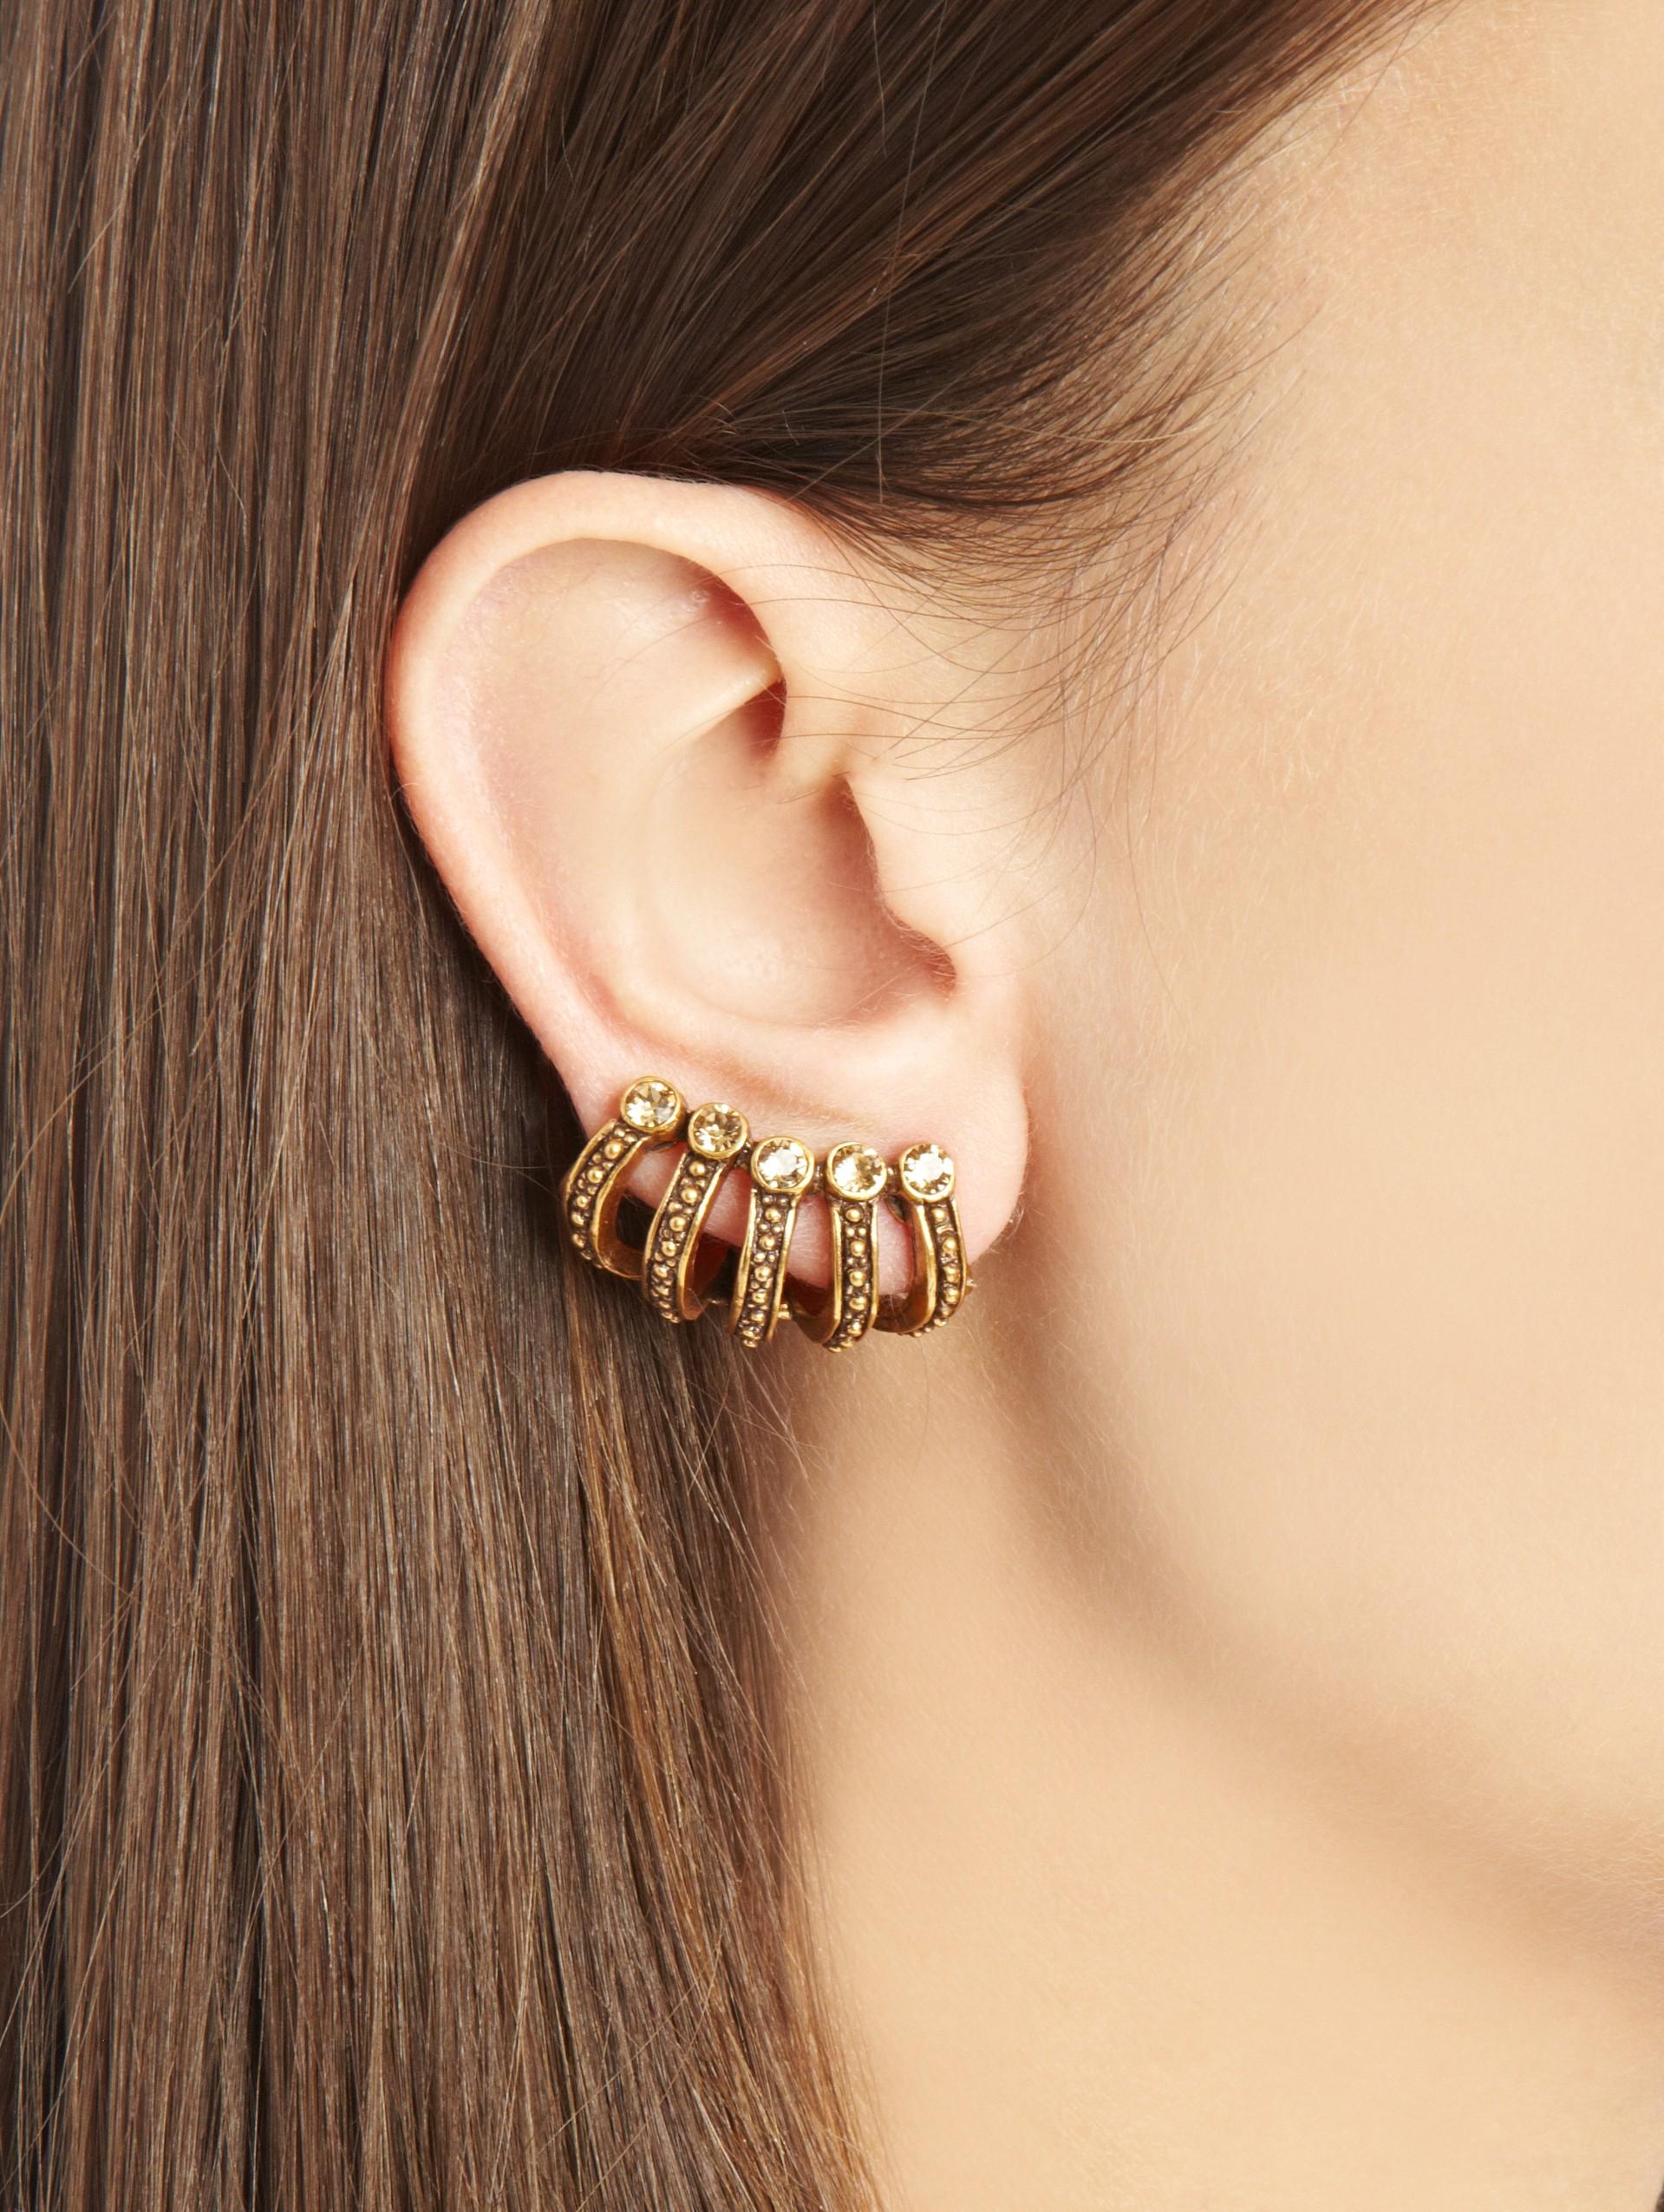 Brinco Ear Cuff Argola